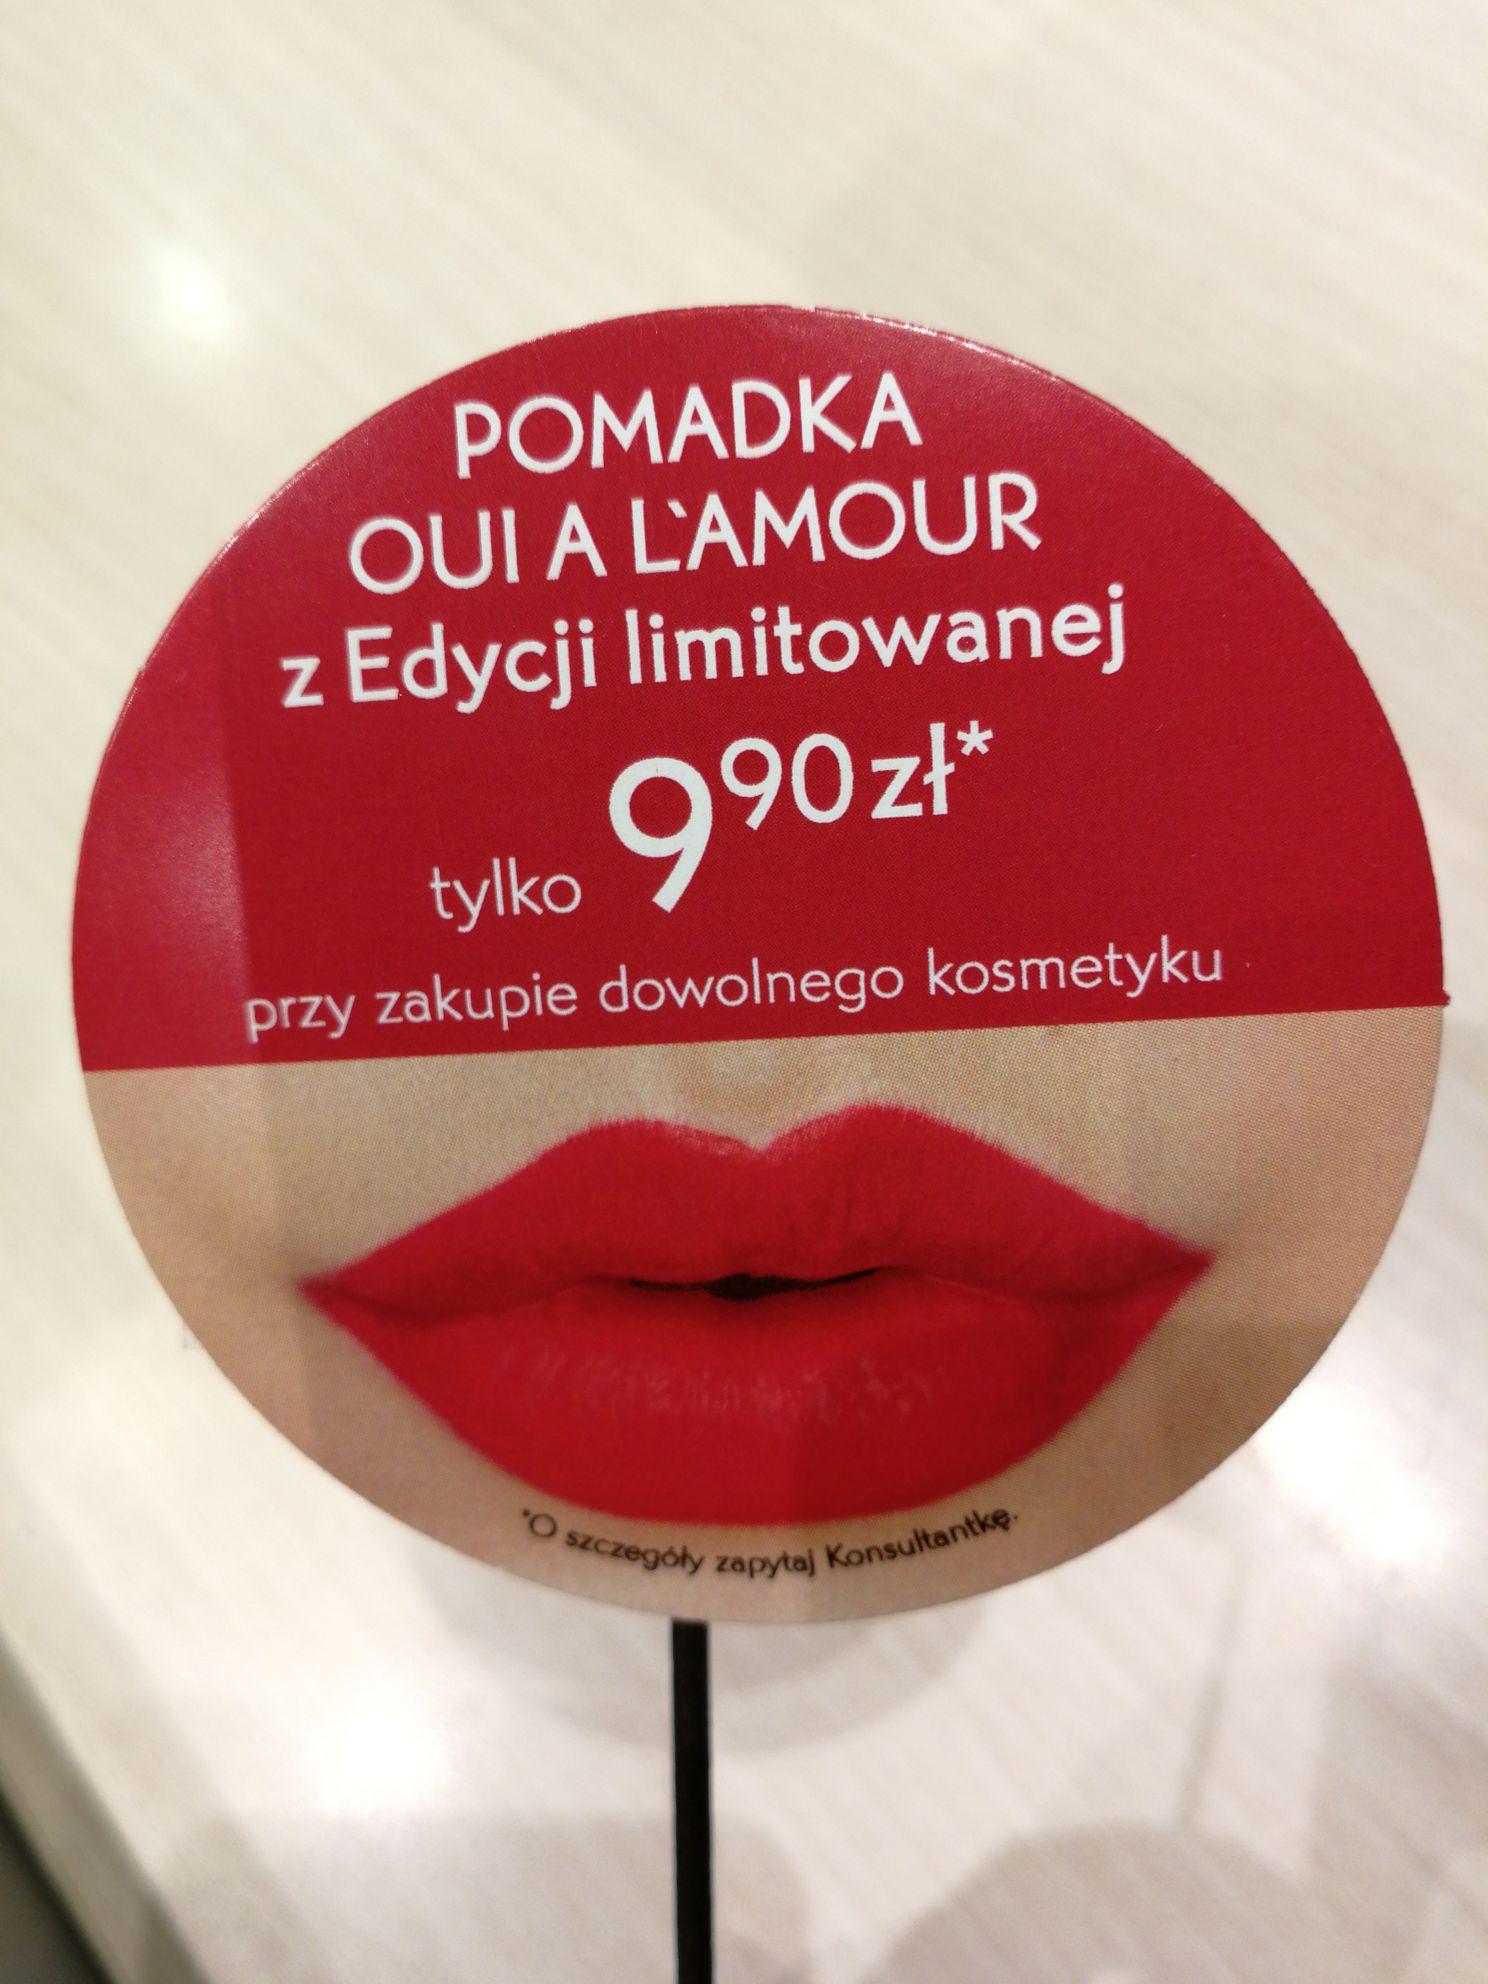 Pomadka za 9,90 przy zakupie dowolnego kosmetyku w Yves Rocher